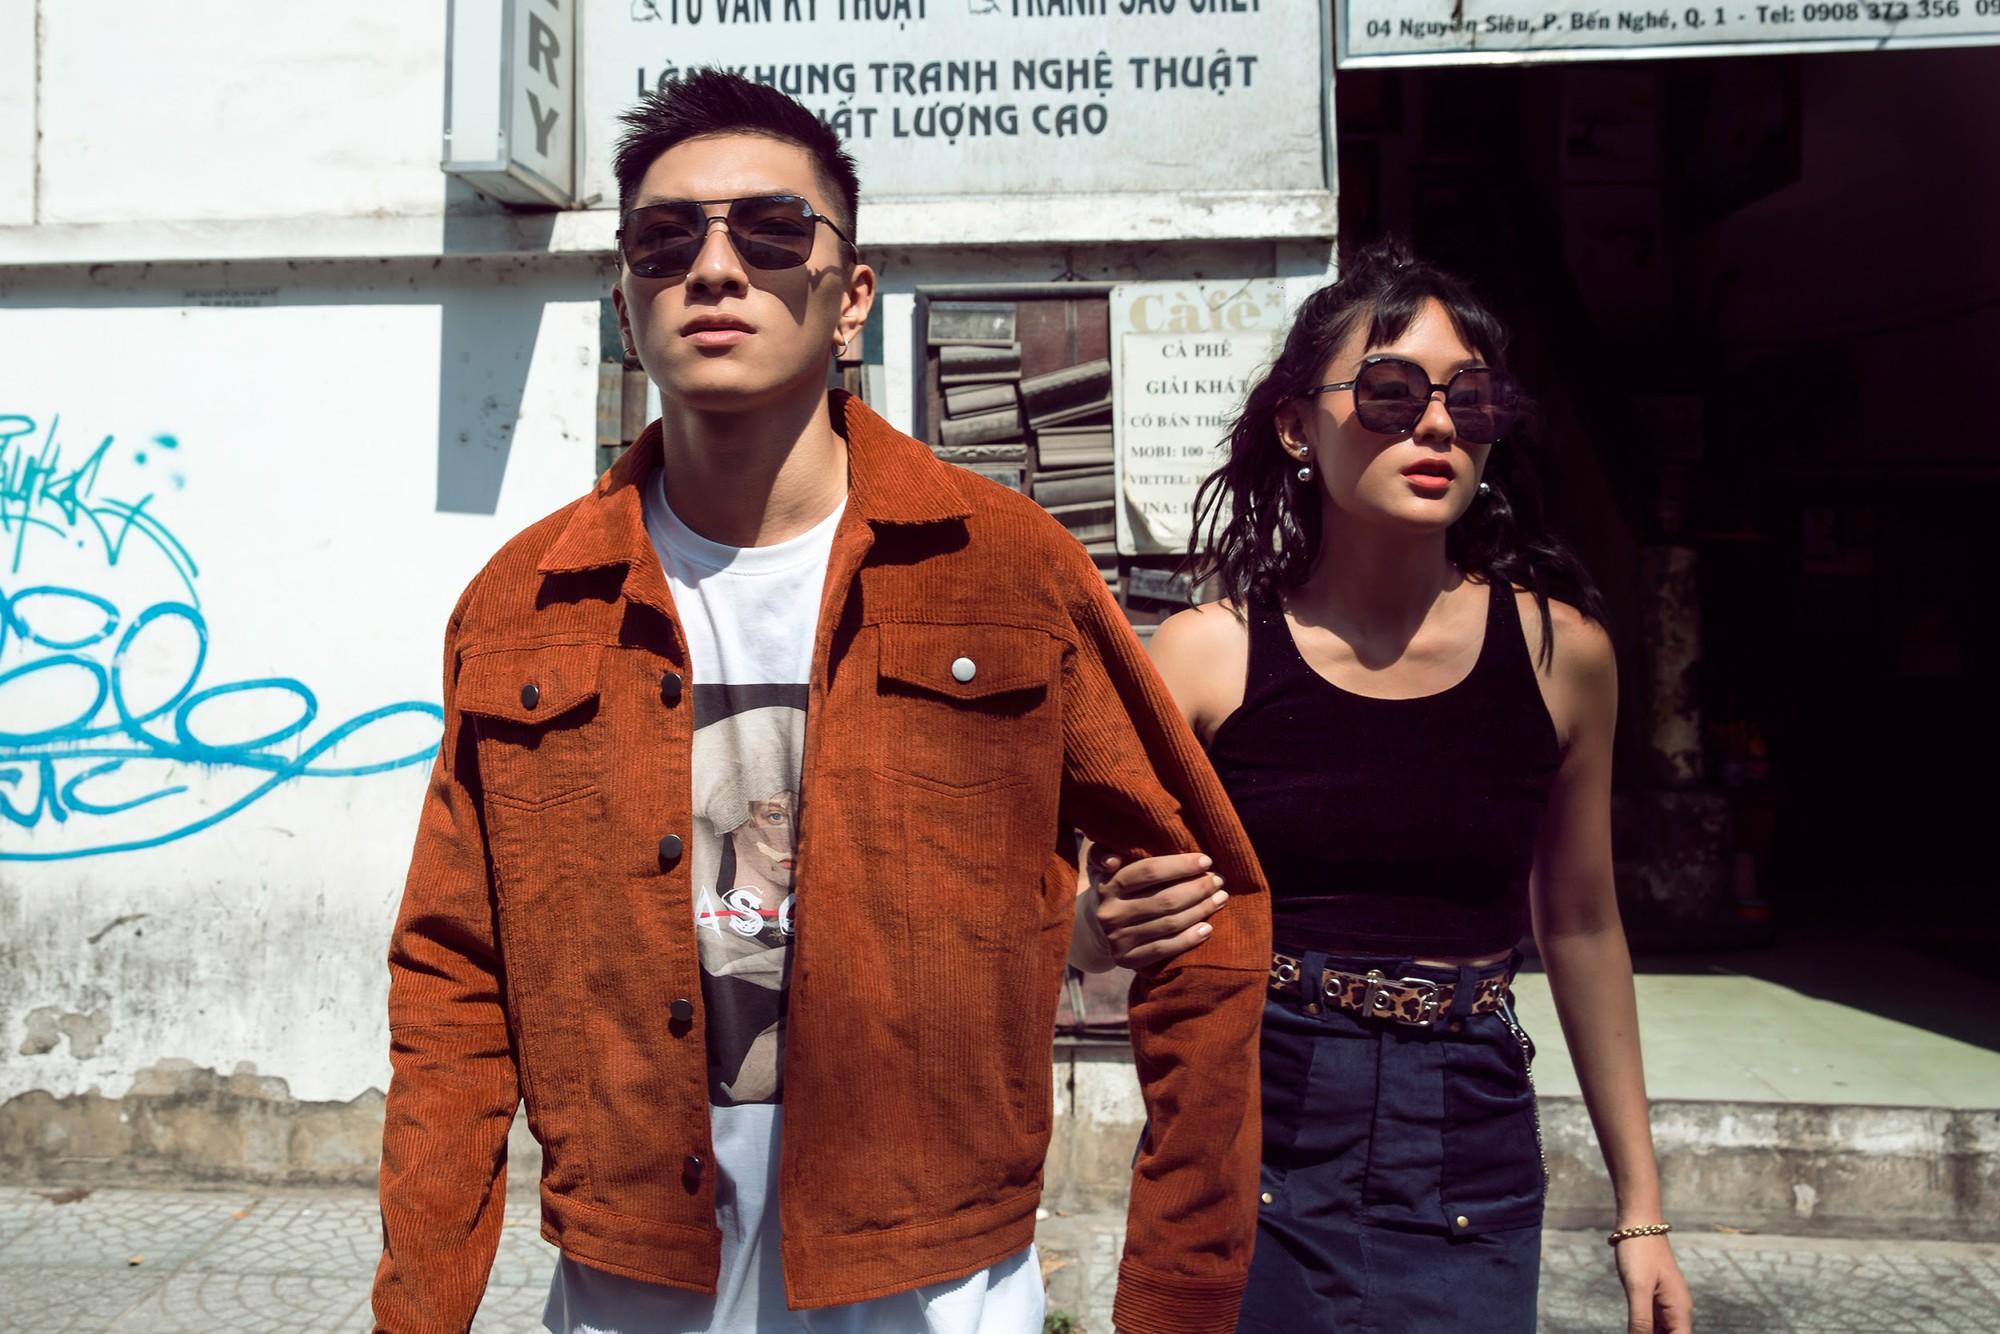 Thu Anh - Duy Linh cùng tôn vinh phong cách thời trang giới trẻ với Molsion Eyewear - Ảnh 3.